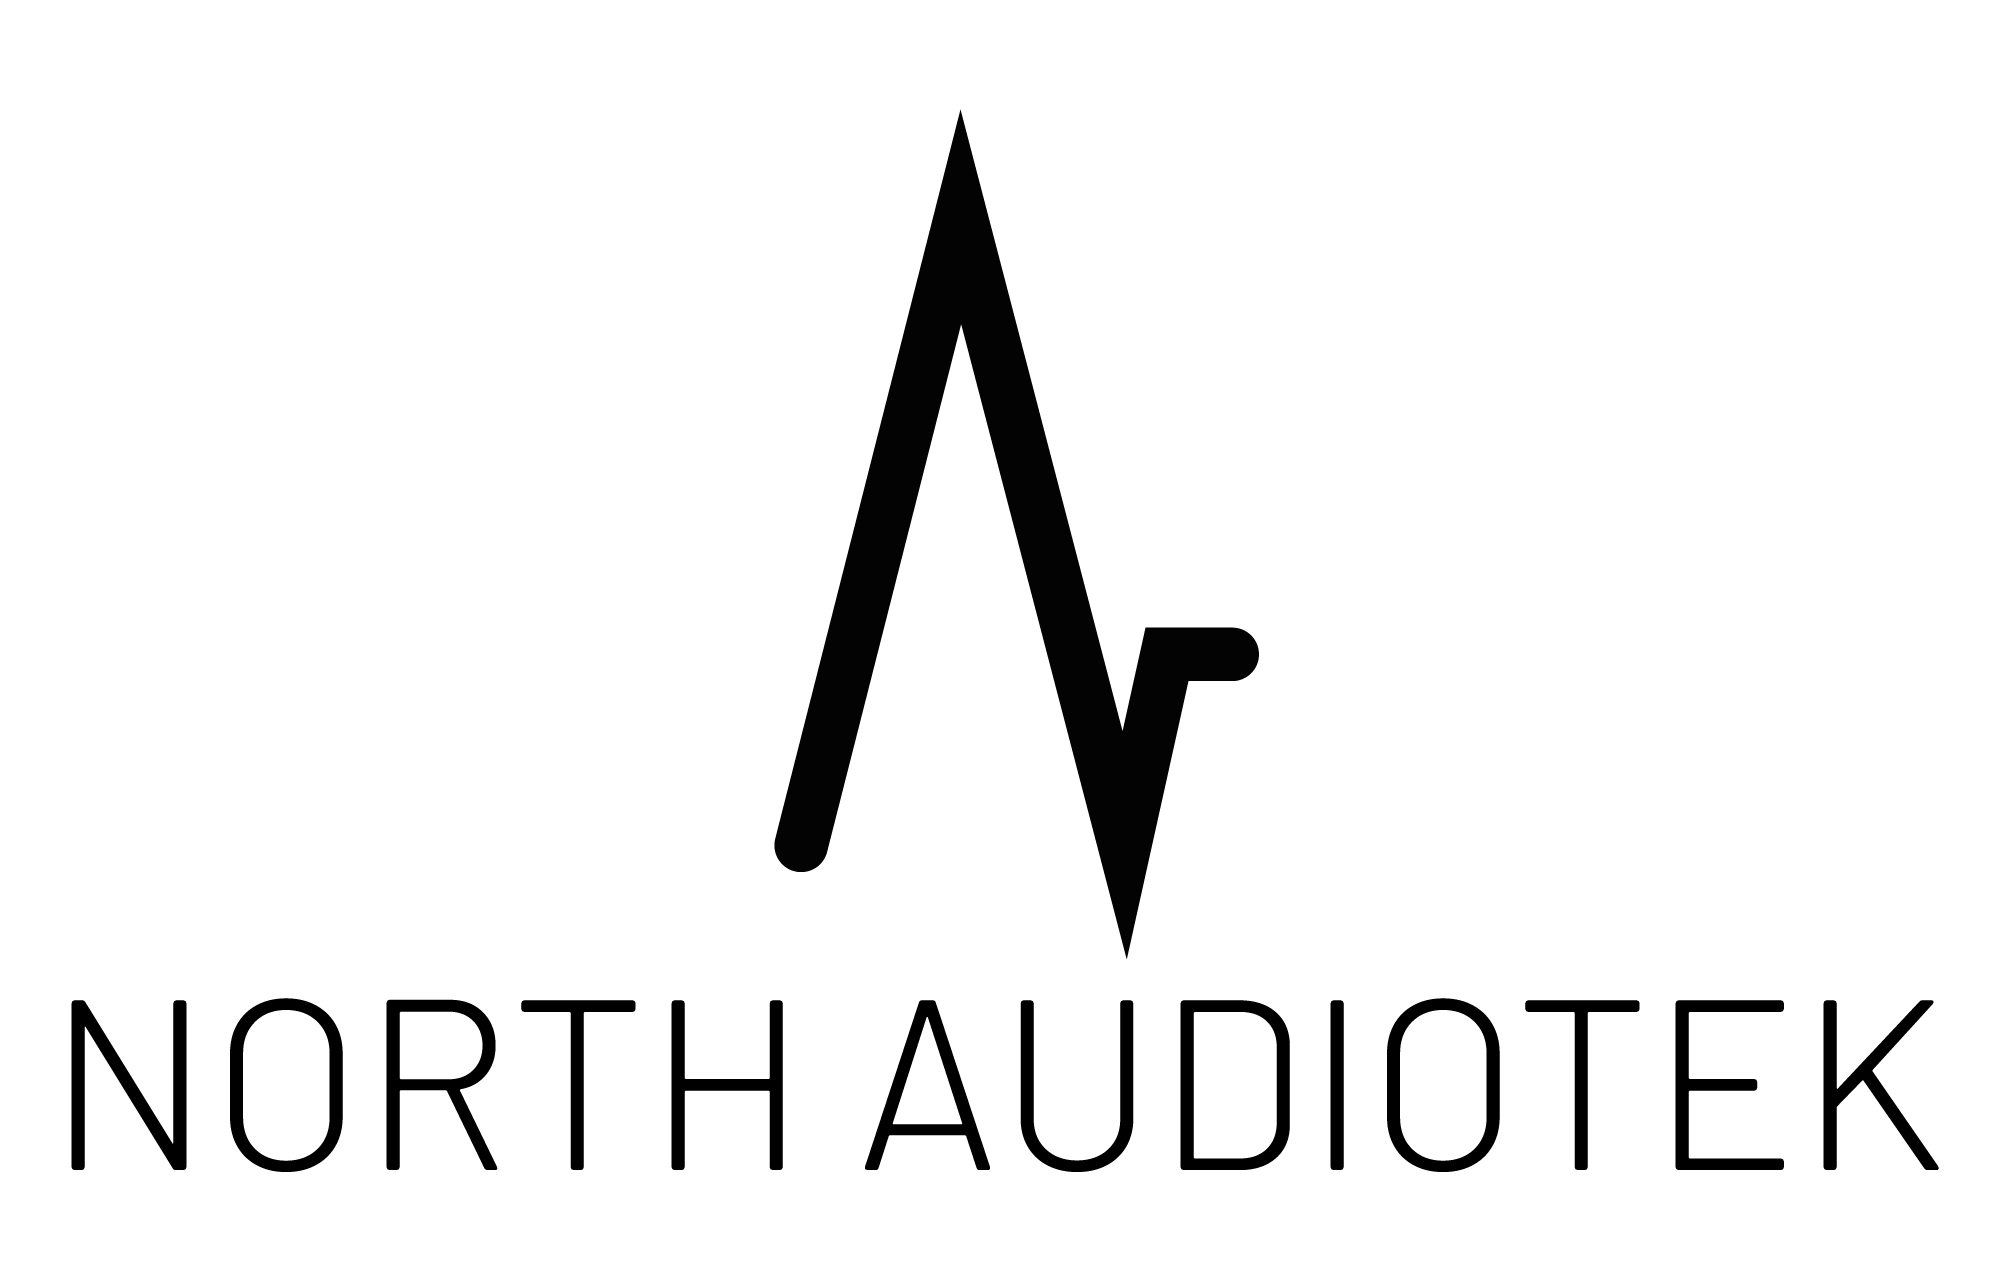 NorthAudioTEK_Black-01.png